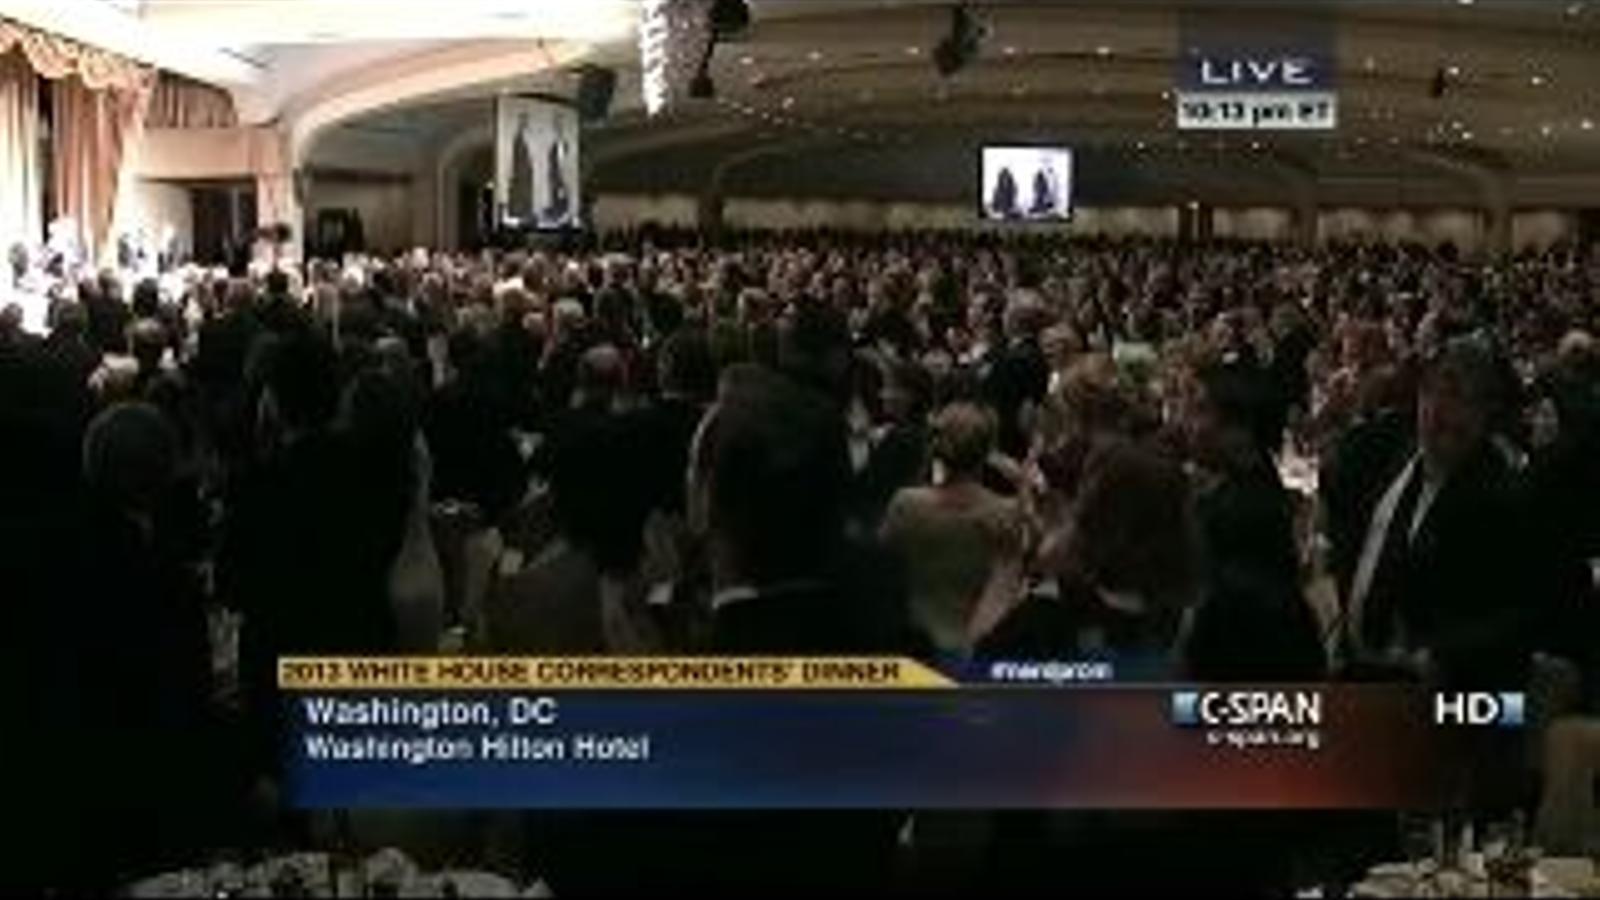 El discurs d'Obama en el sopar de corresponsals, íntegre